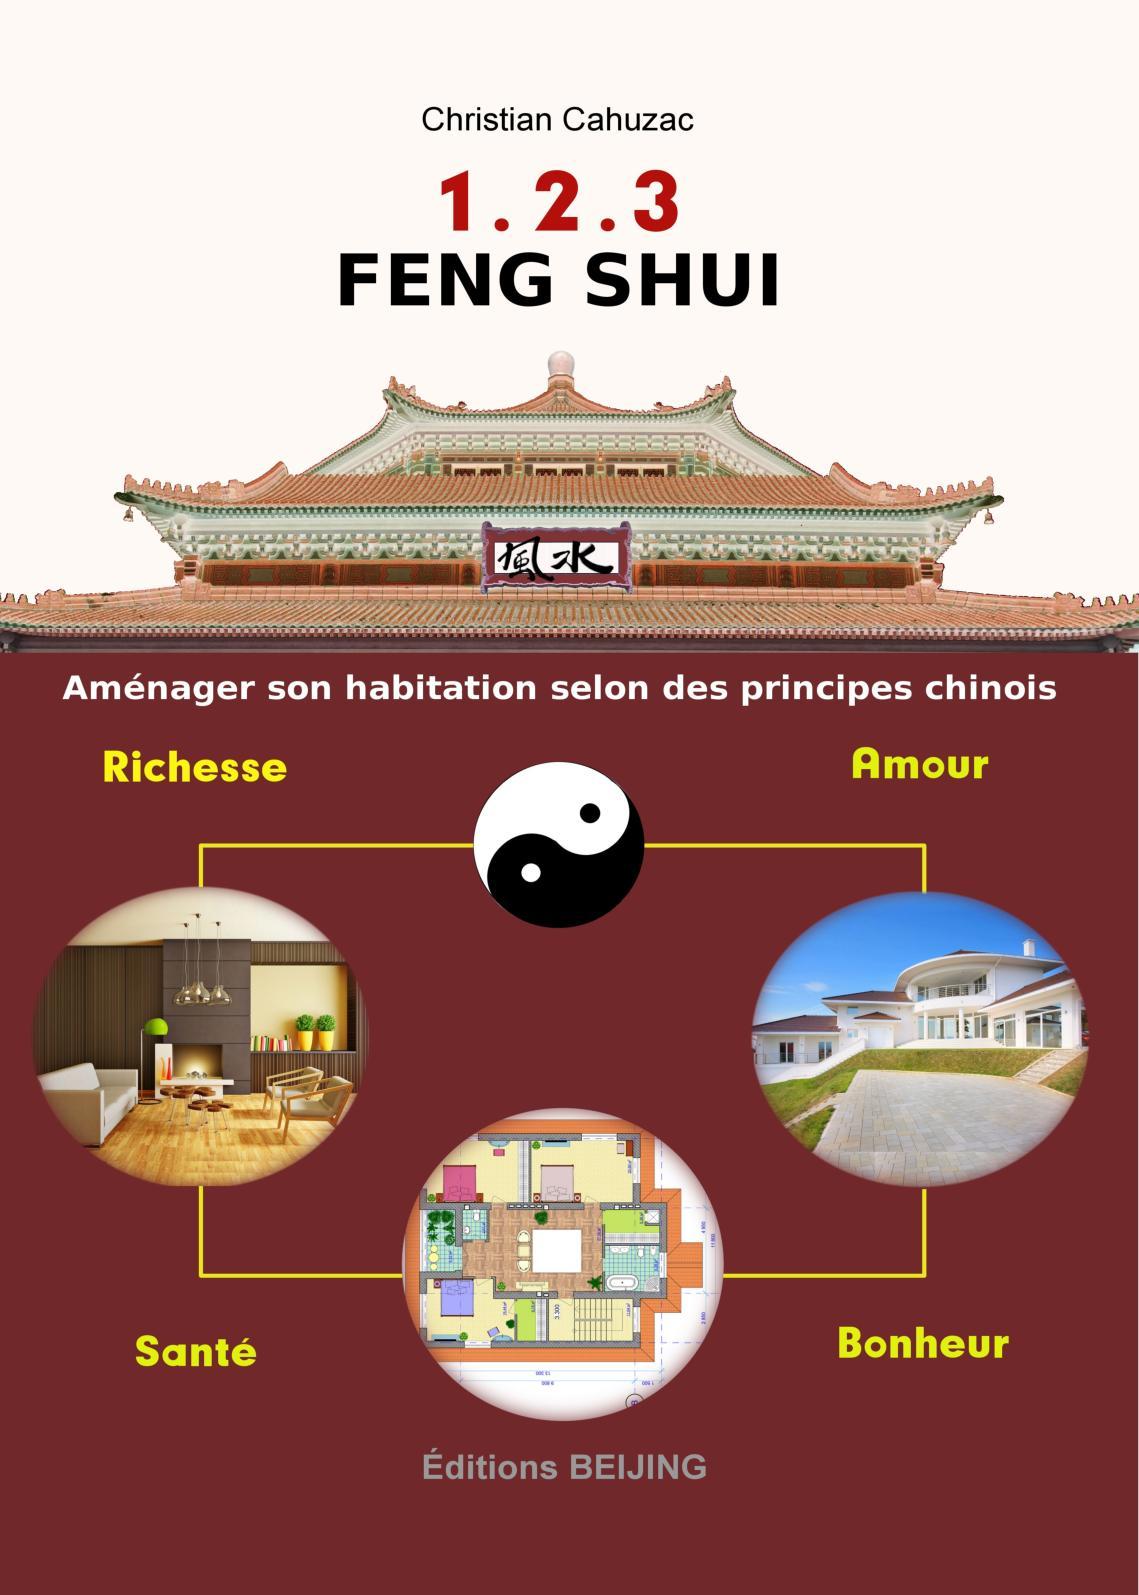 Wc Sous Escalier Feng Shui calaméo - 21 pages 1 2 3 fengshui